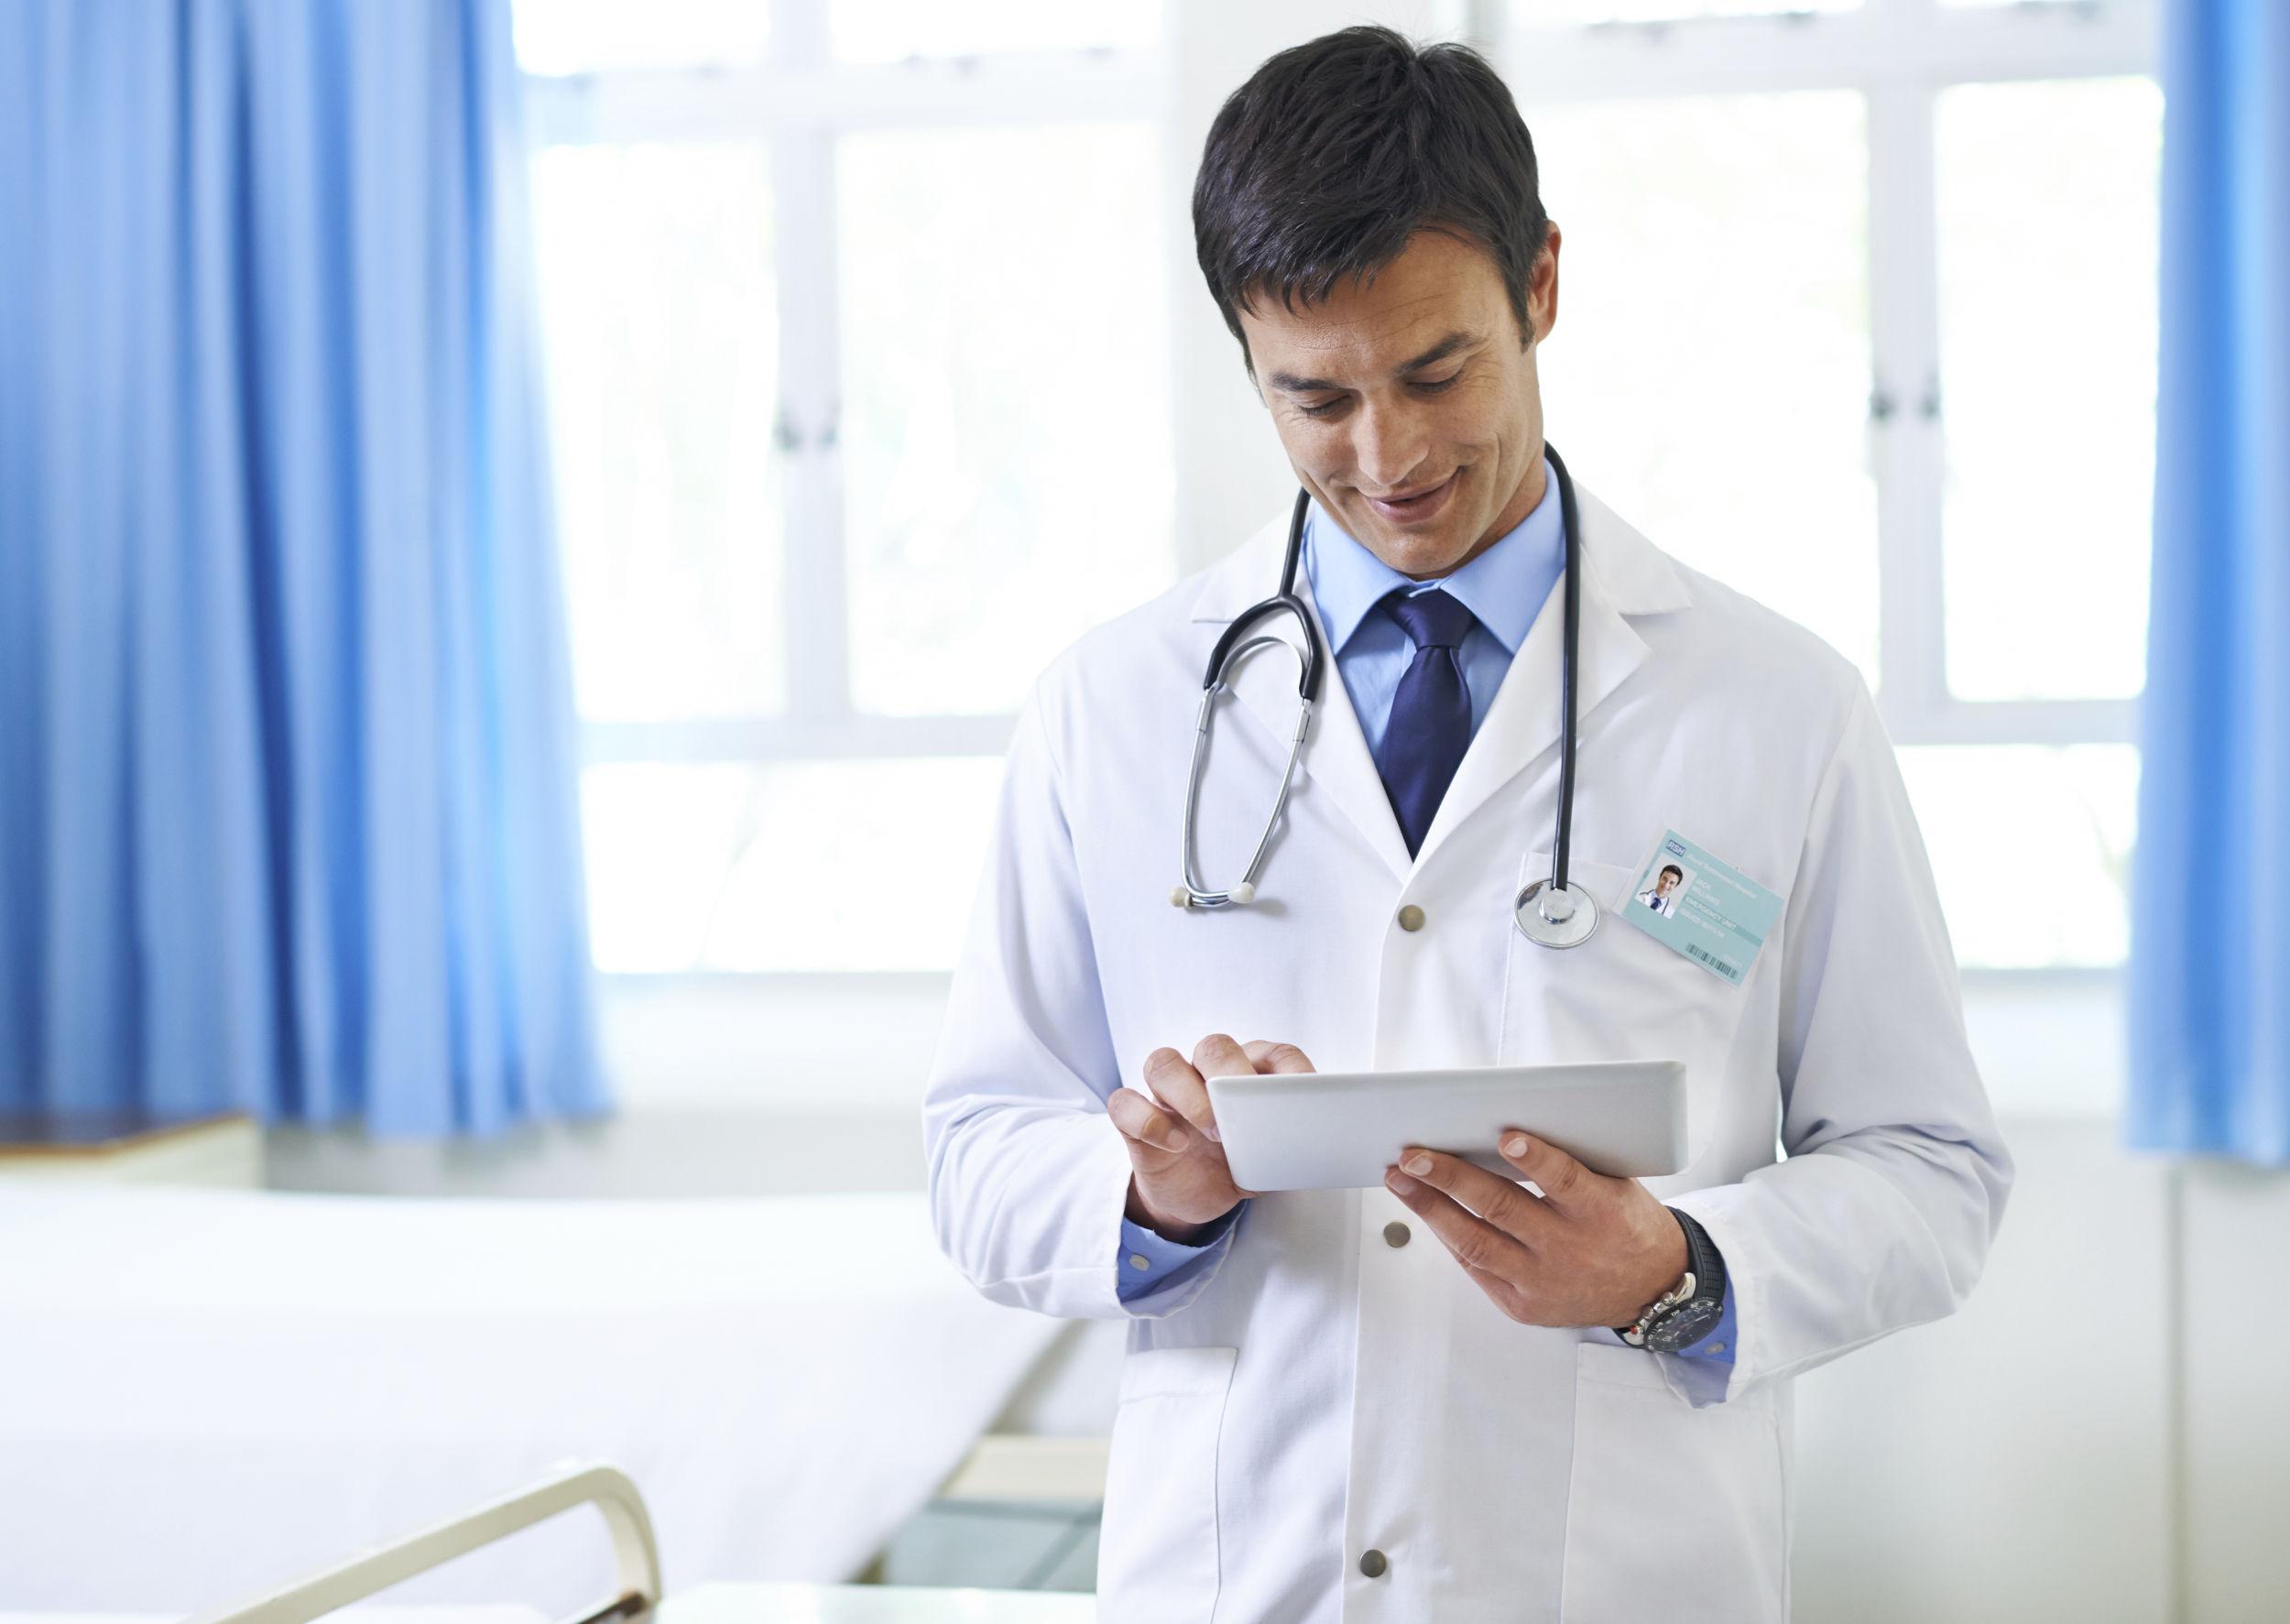 Ärzte kennenlernen Arzt Sucht Frau - Bekanntschaften - Partnersuche & Kontakte -